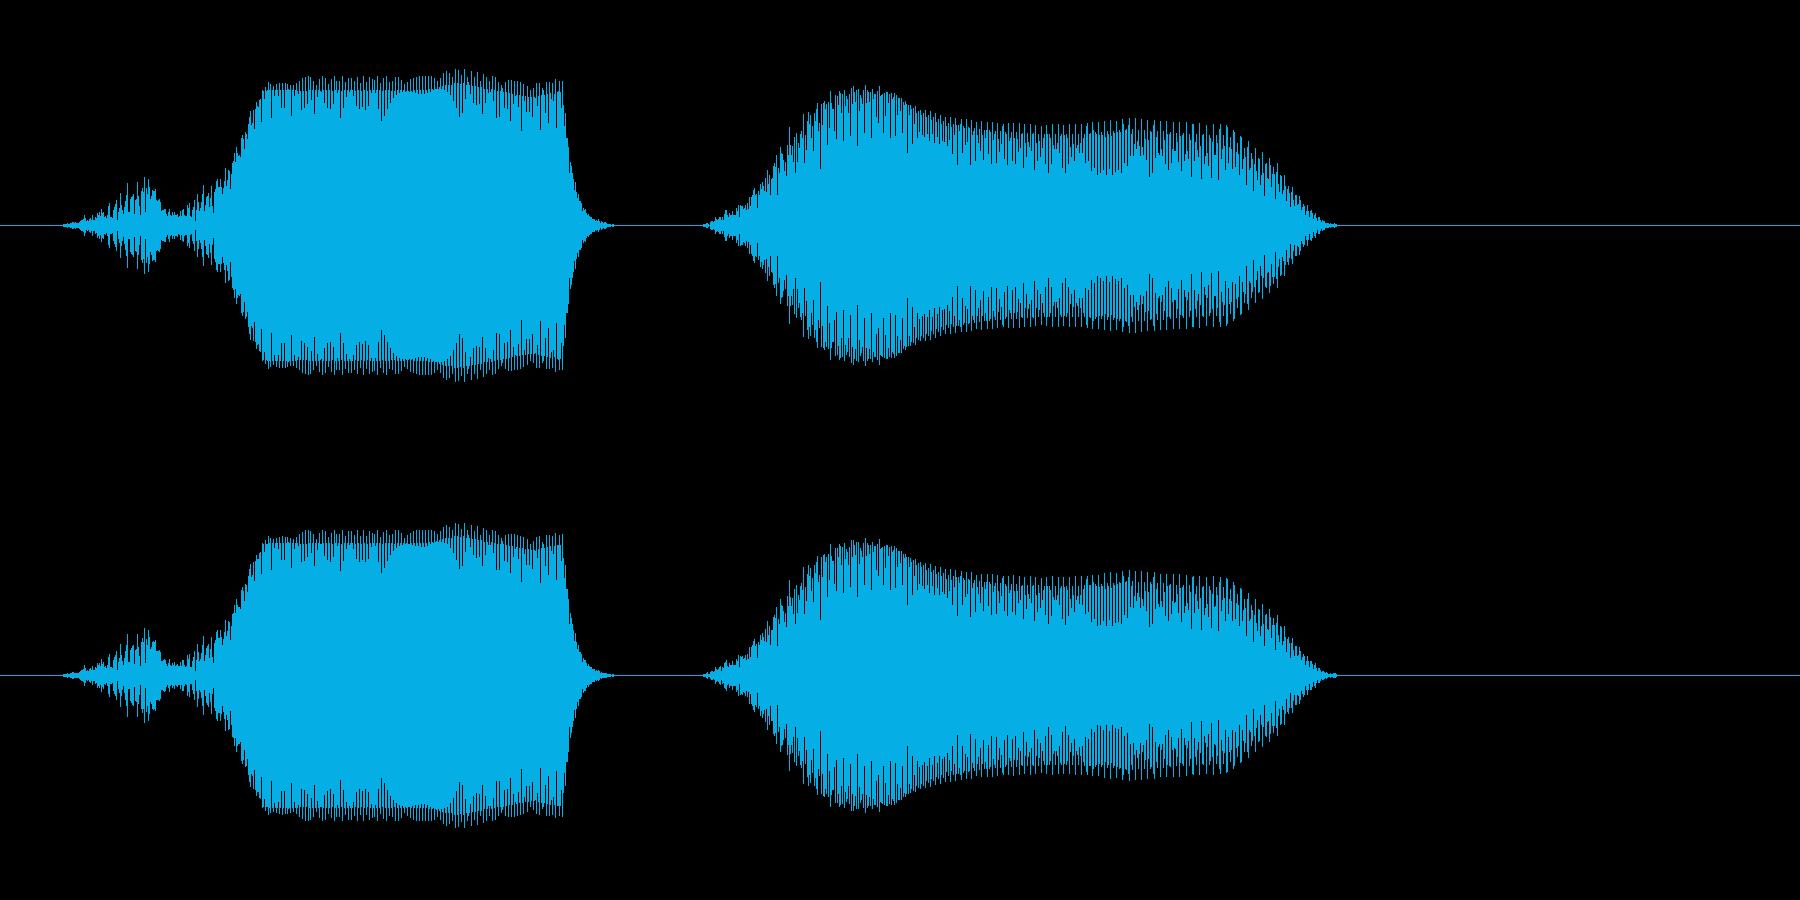 ピュンッ(穴に落ちたような音)の再生済みの波形